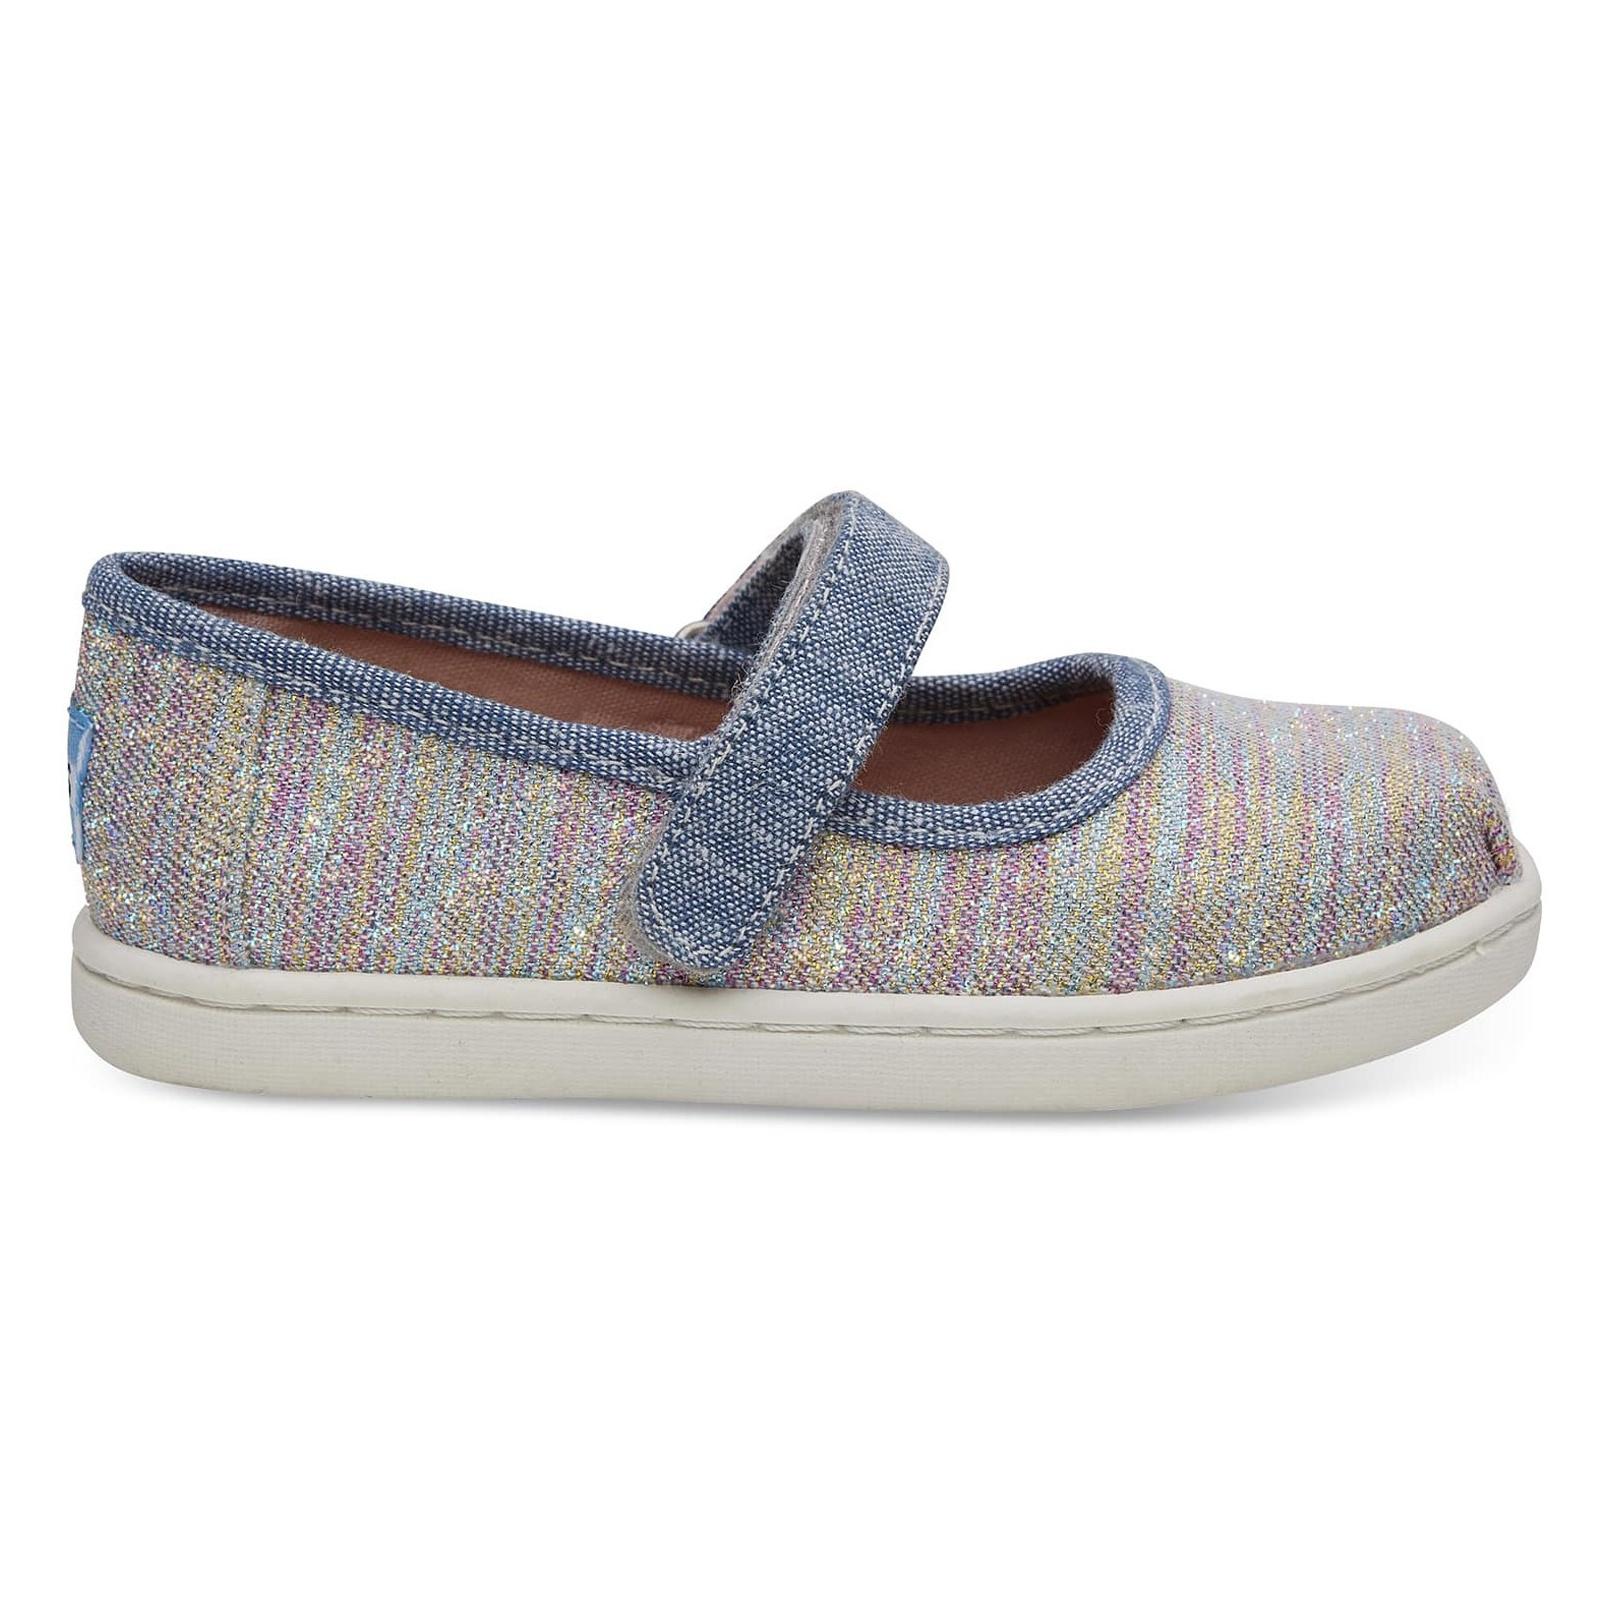 کفش پارچه ای چسبی دخترانه MARY - تامز - چند رنگ - 3